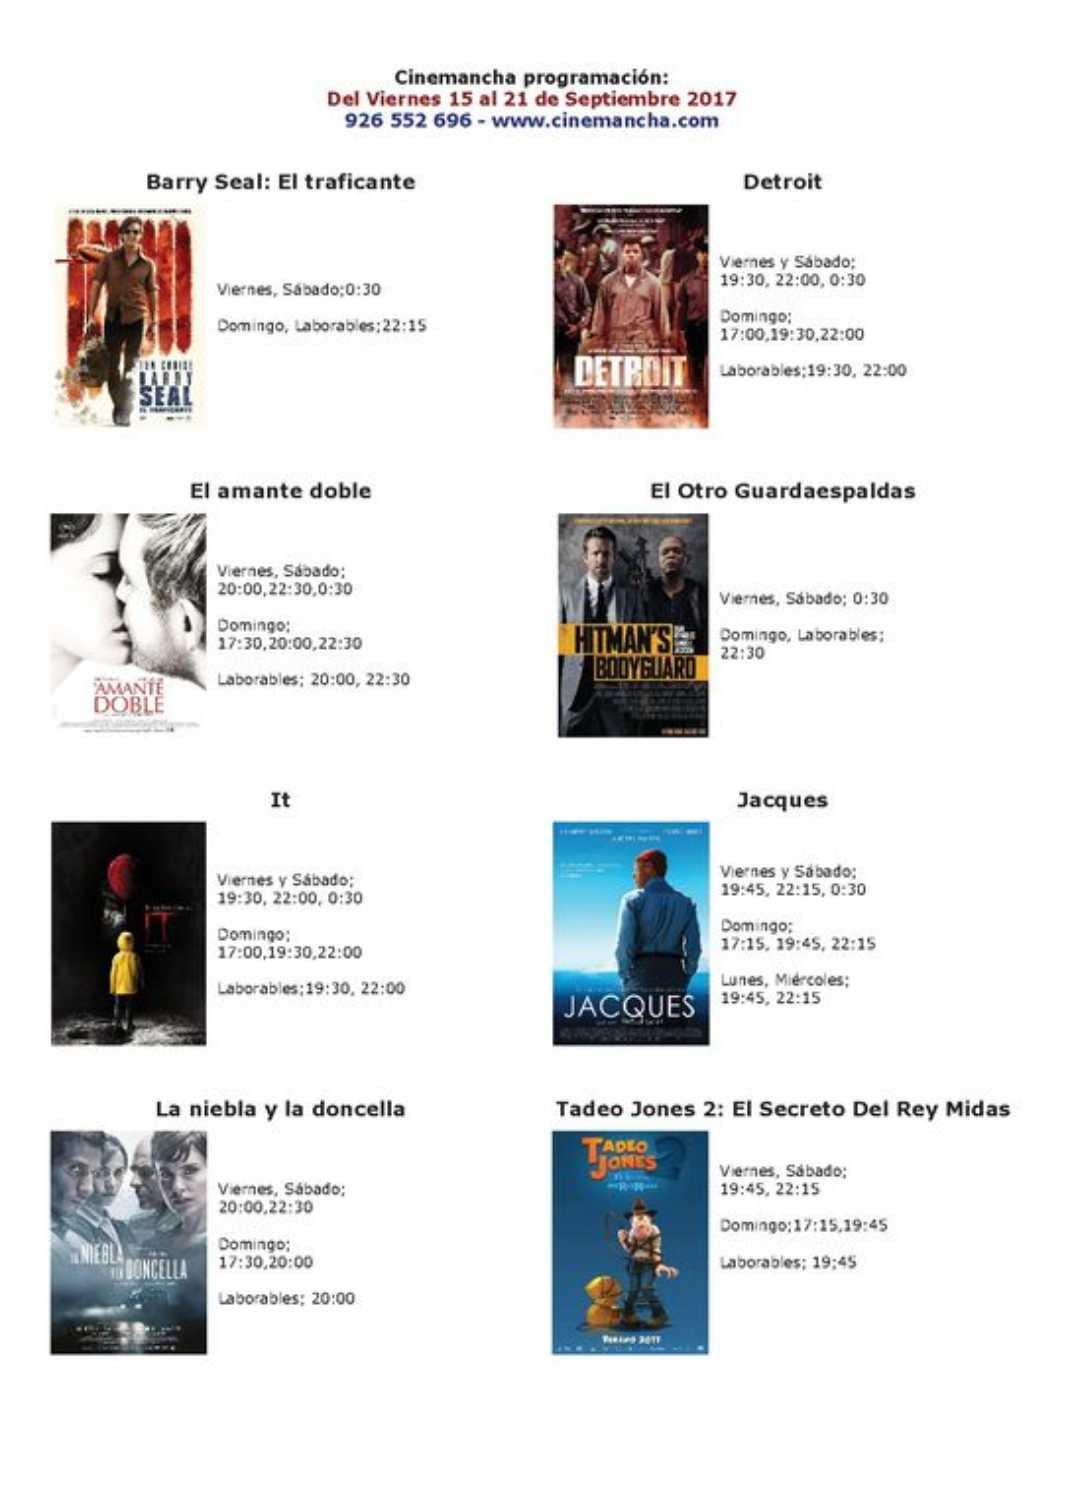 Películas en Cinemancha del 15 al 21 de septiembre 2